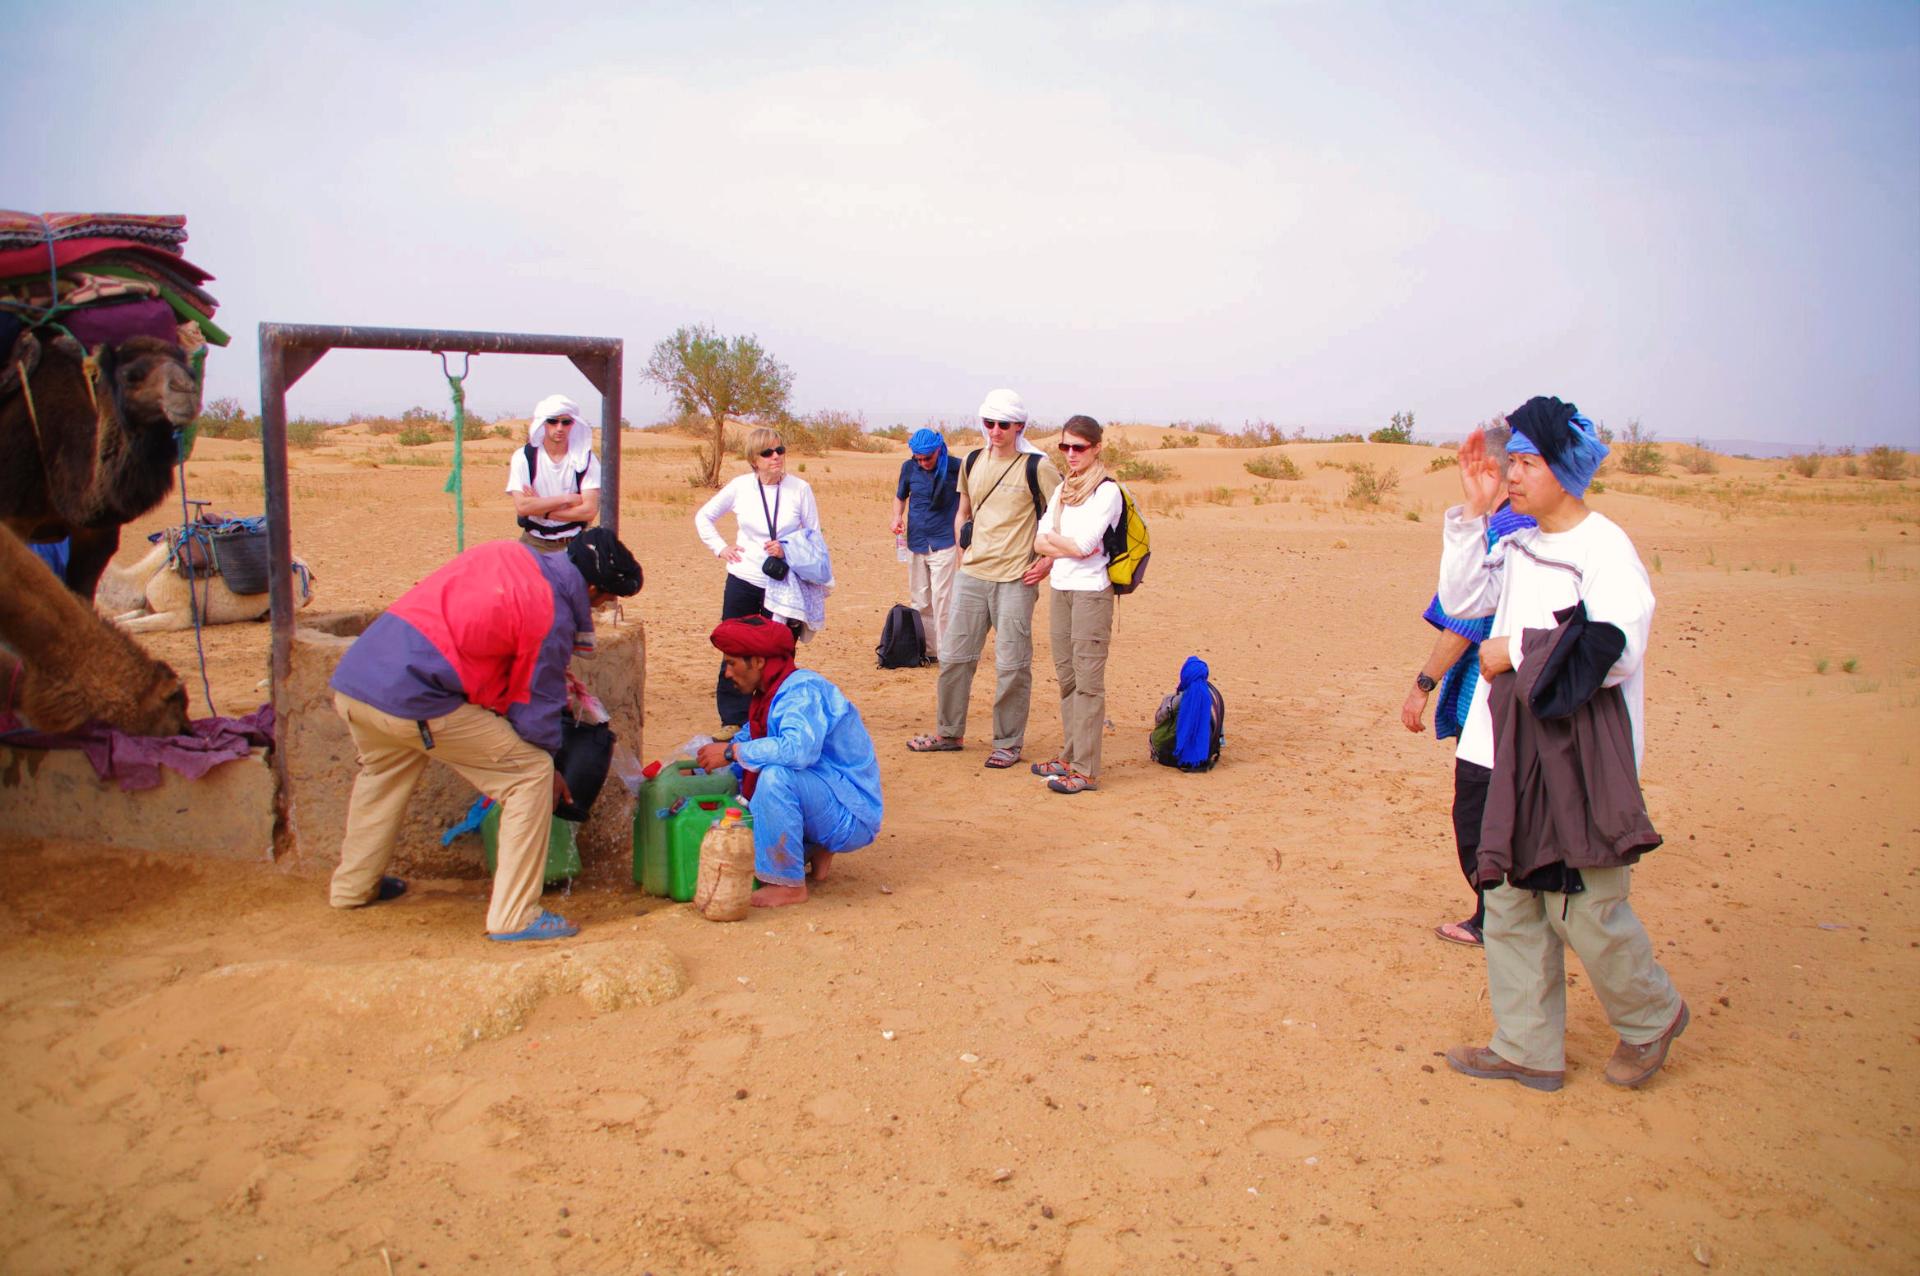 rencontre nomades du désert